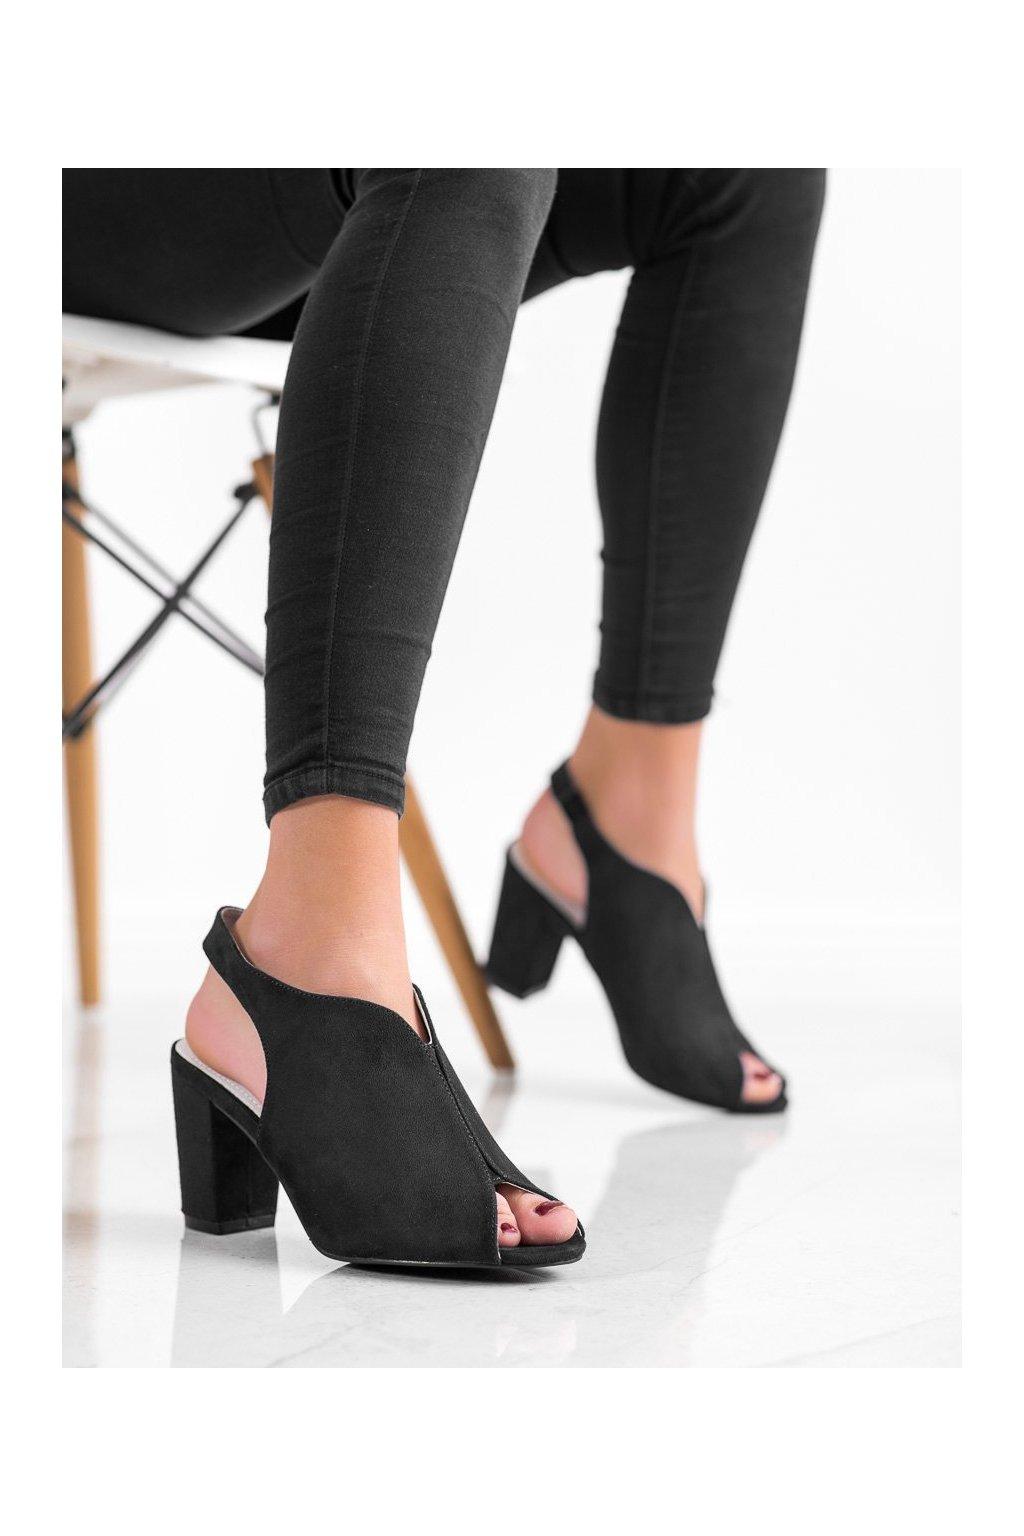 Čierne sandále na podpätku Goodin kod GD-FL1503B